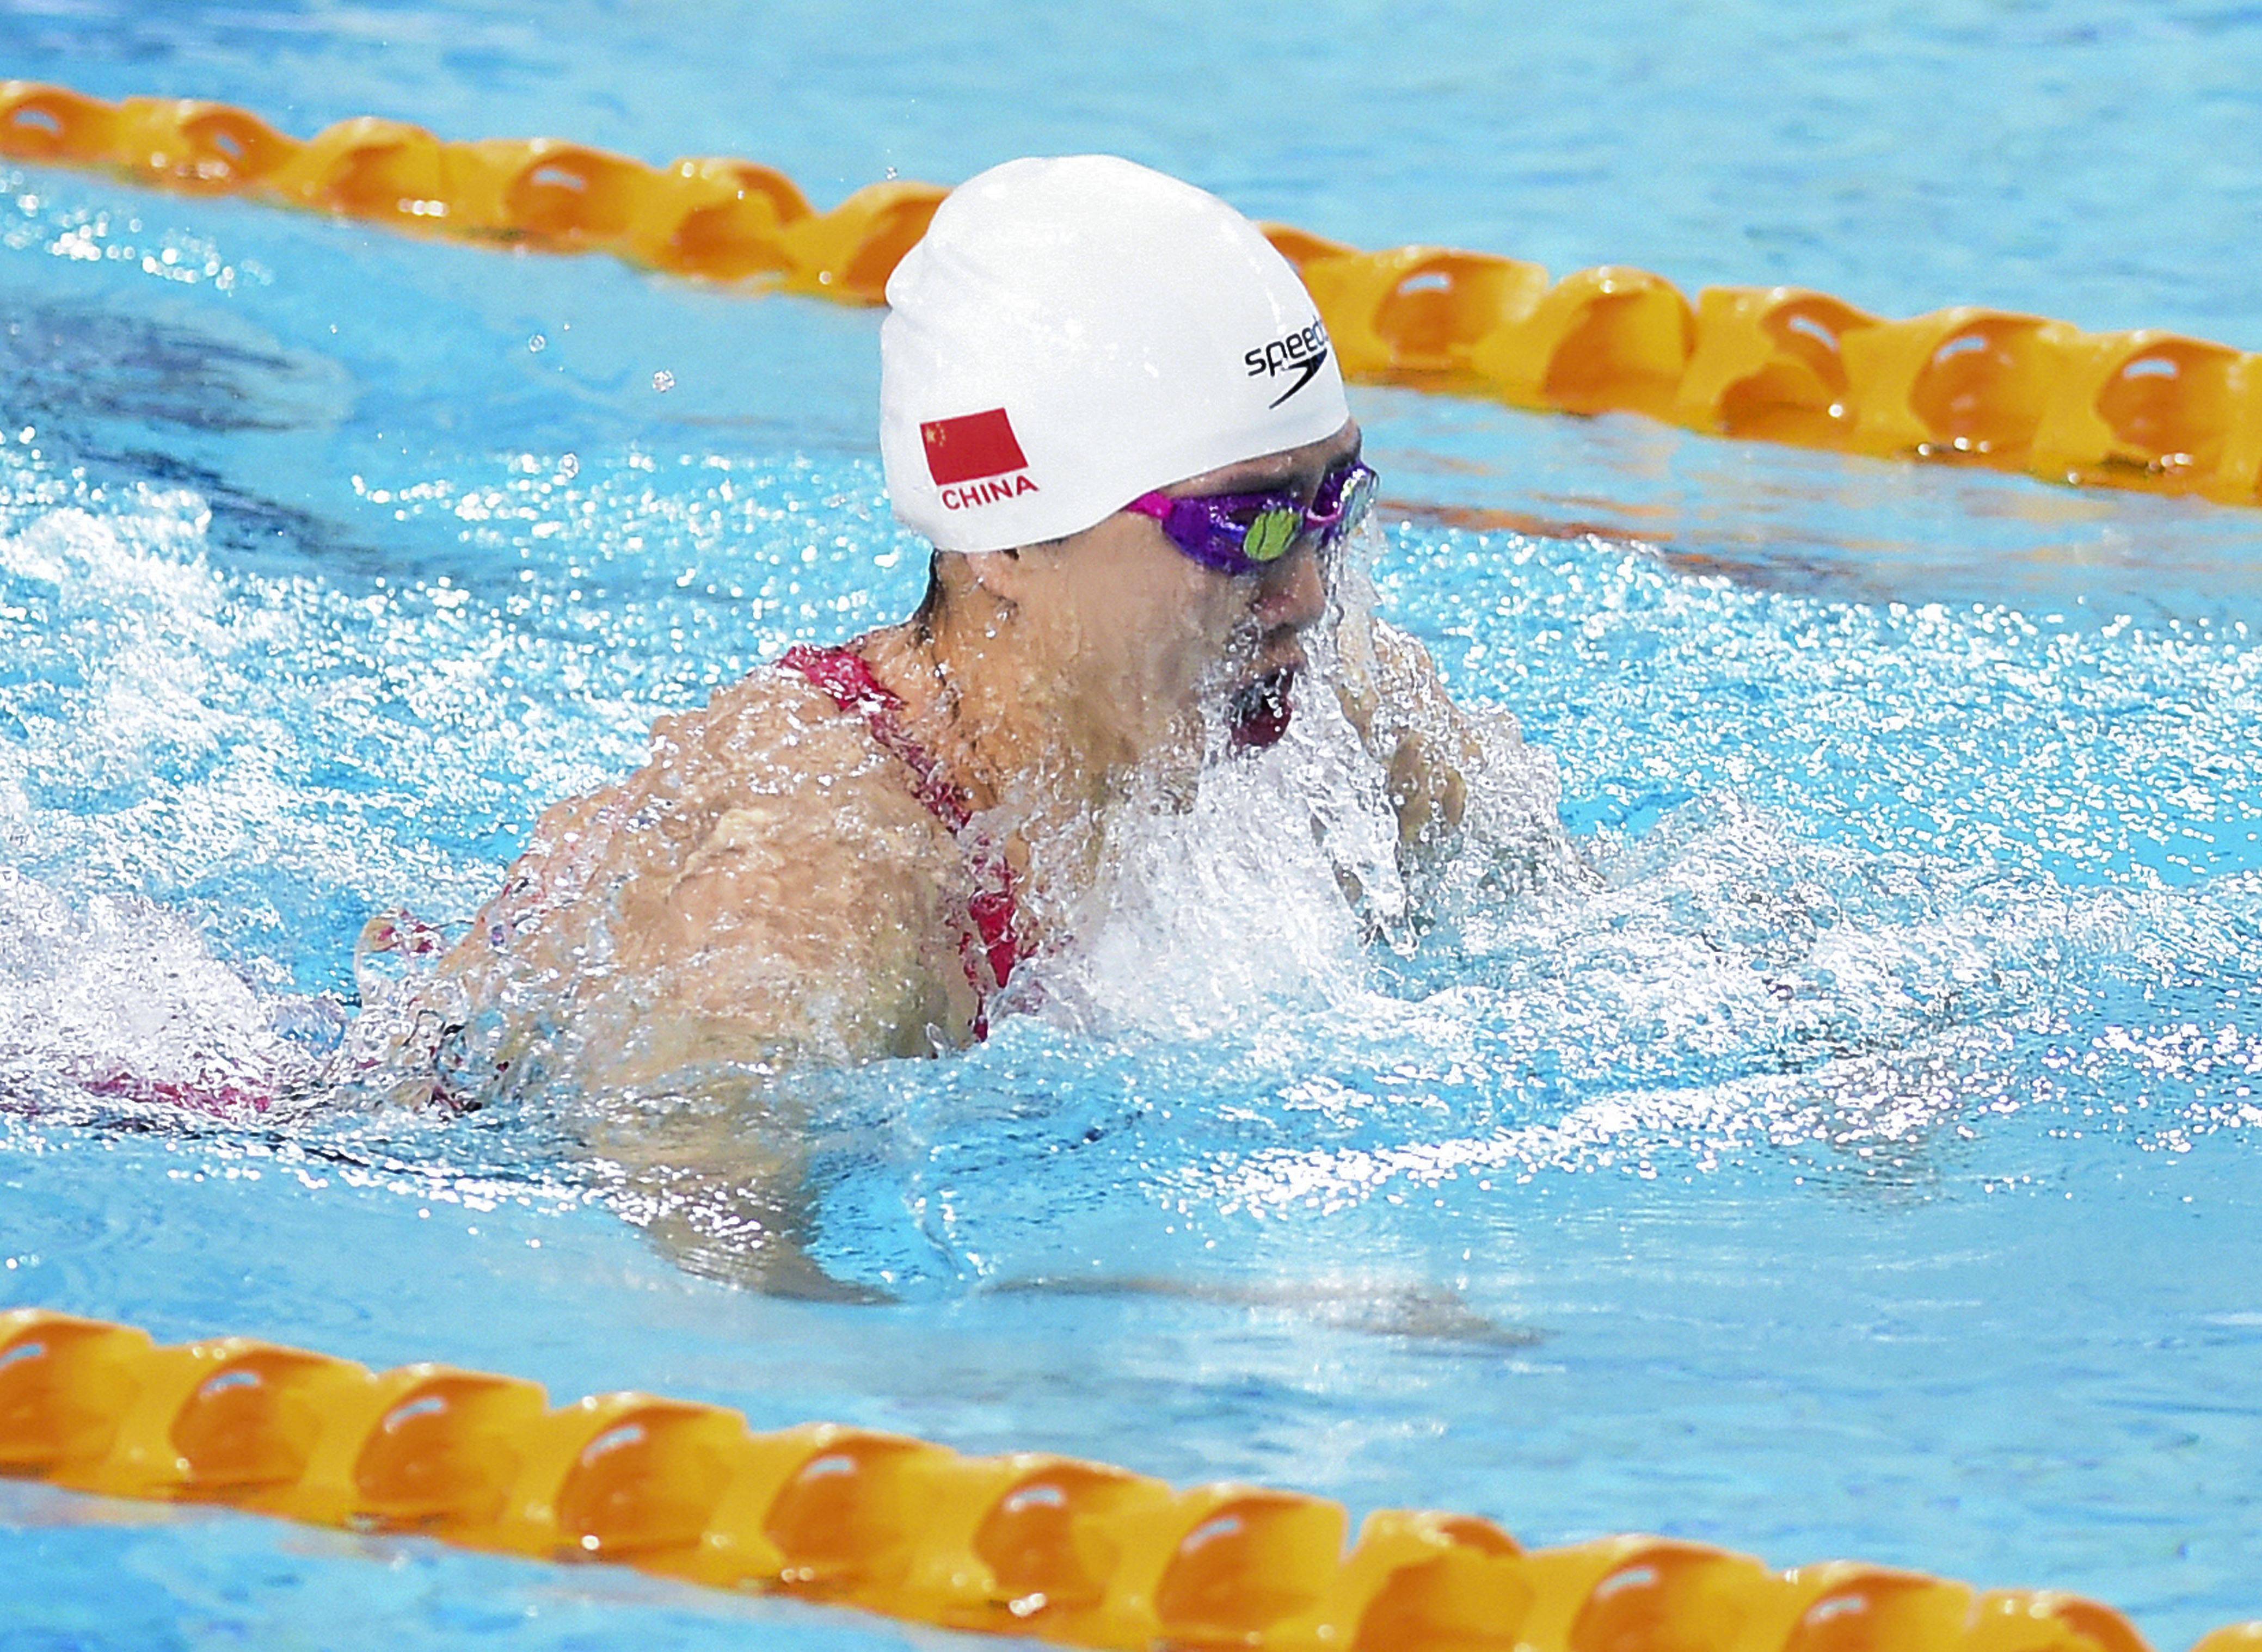 游泳——全国游泳争霸赛:唐钱婷获得女子100米蛙泳冠军